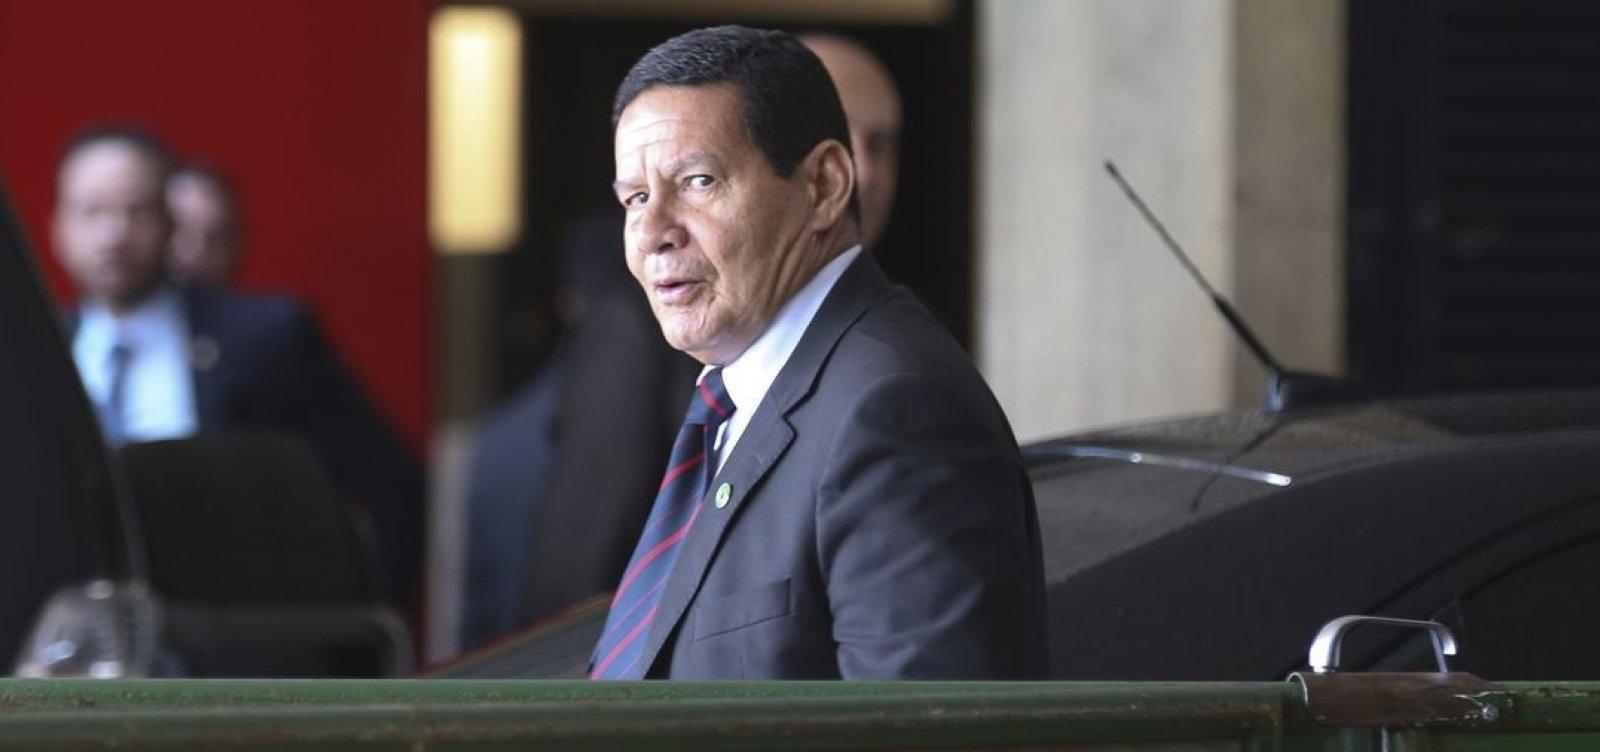 ['Ultrapassou o limite do bom senso', diz Mourão sobre número de mortes no Brasil ]